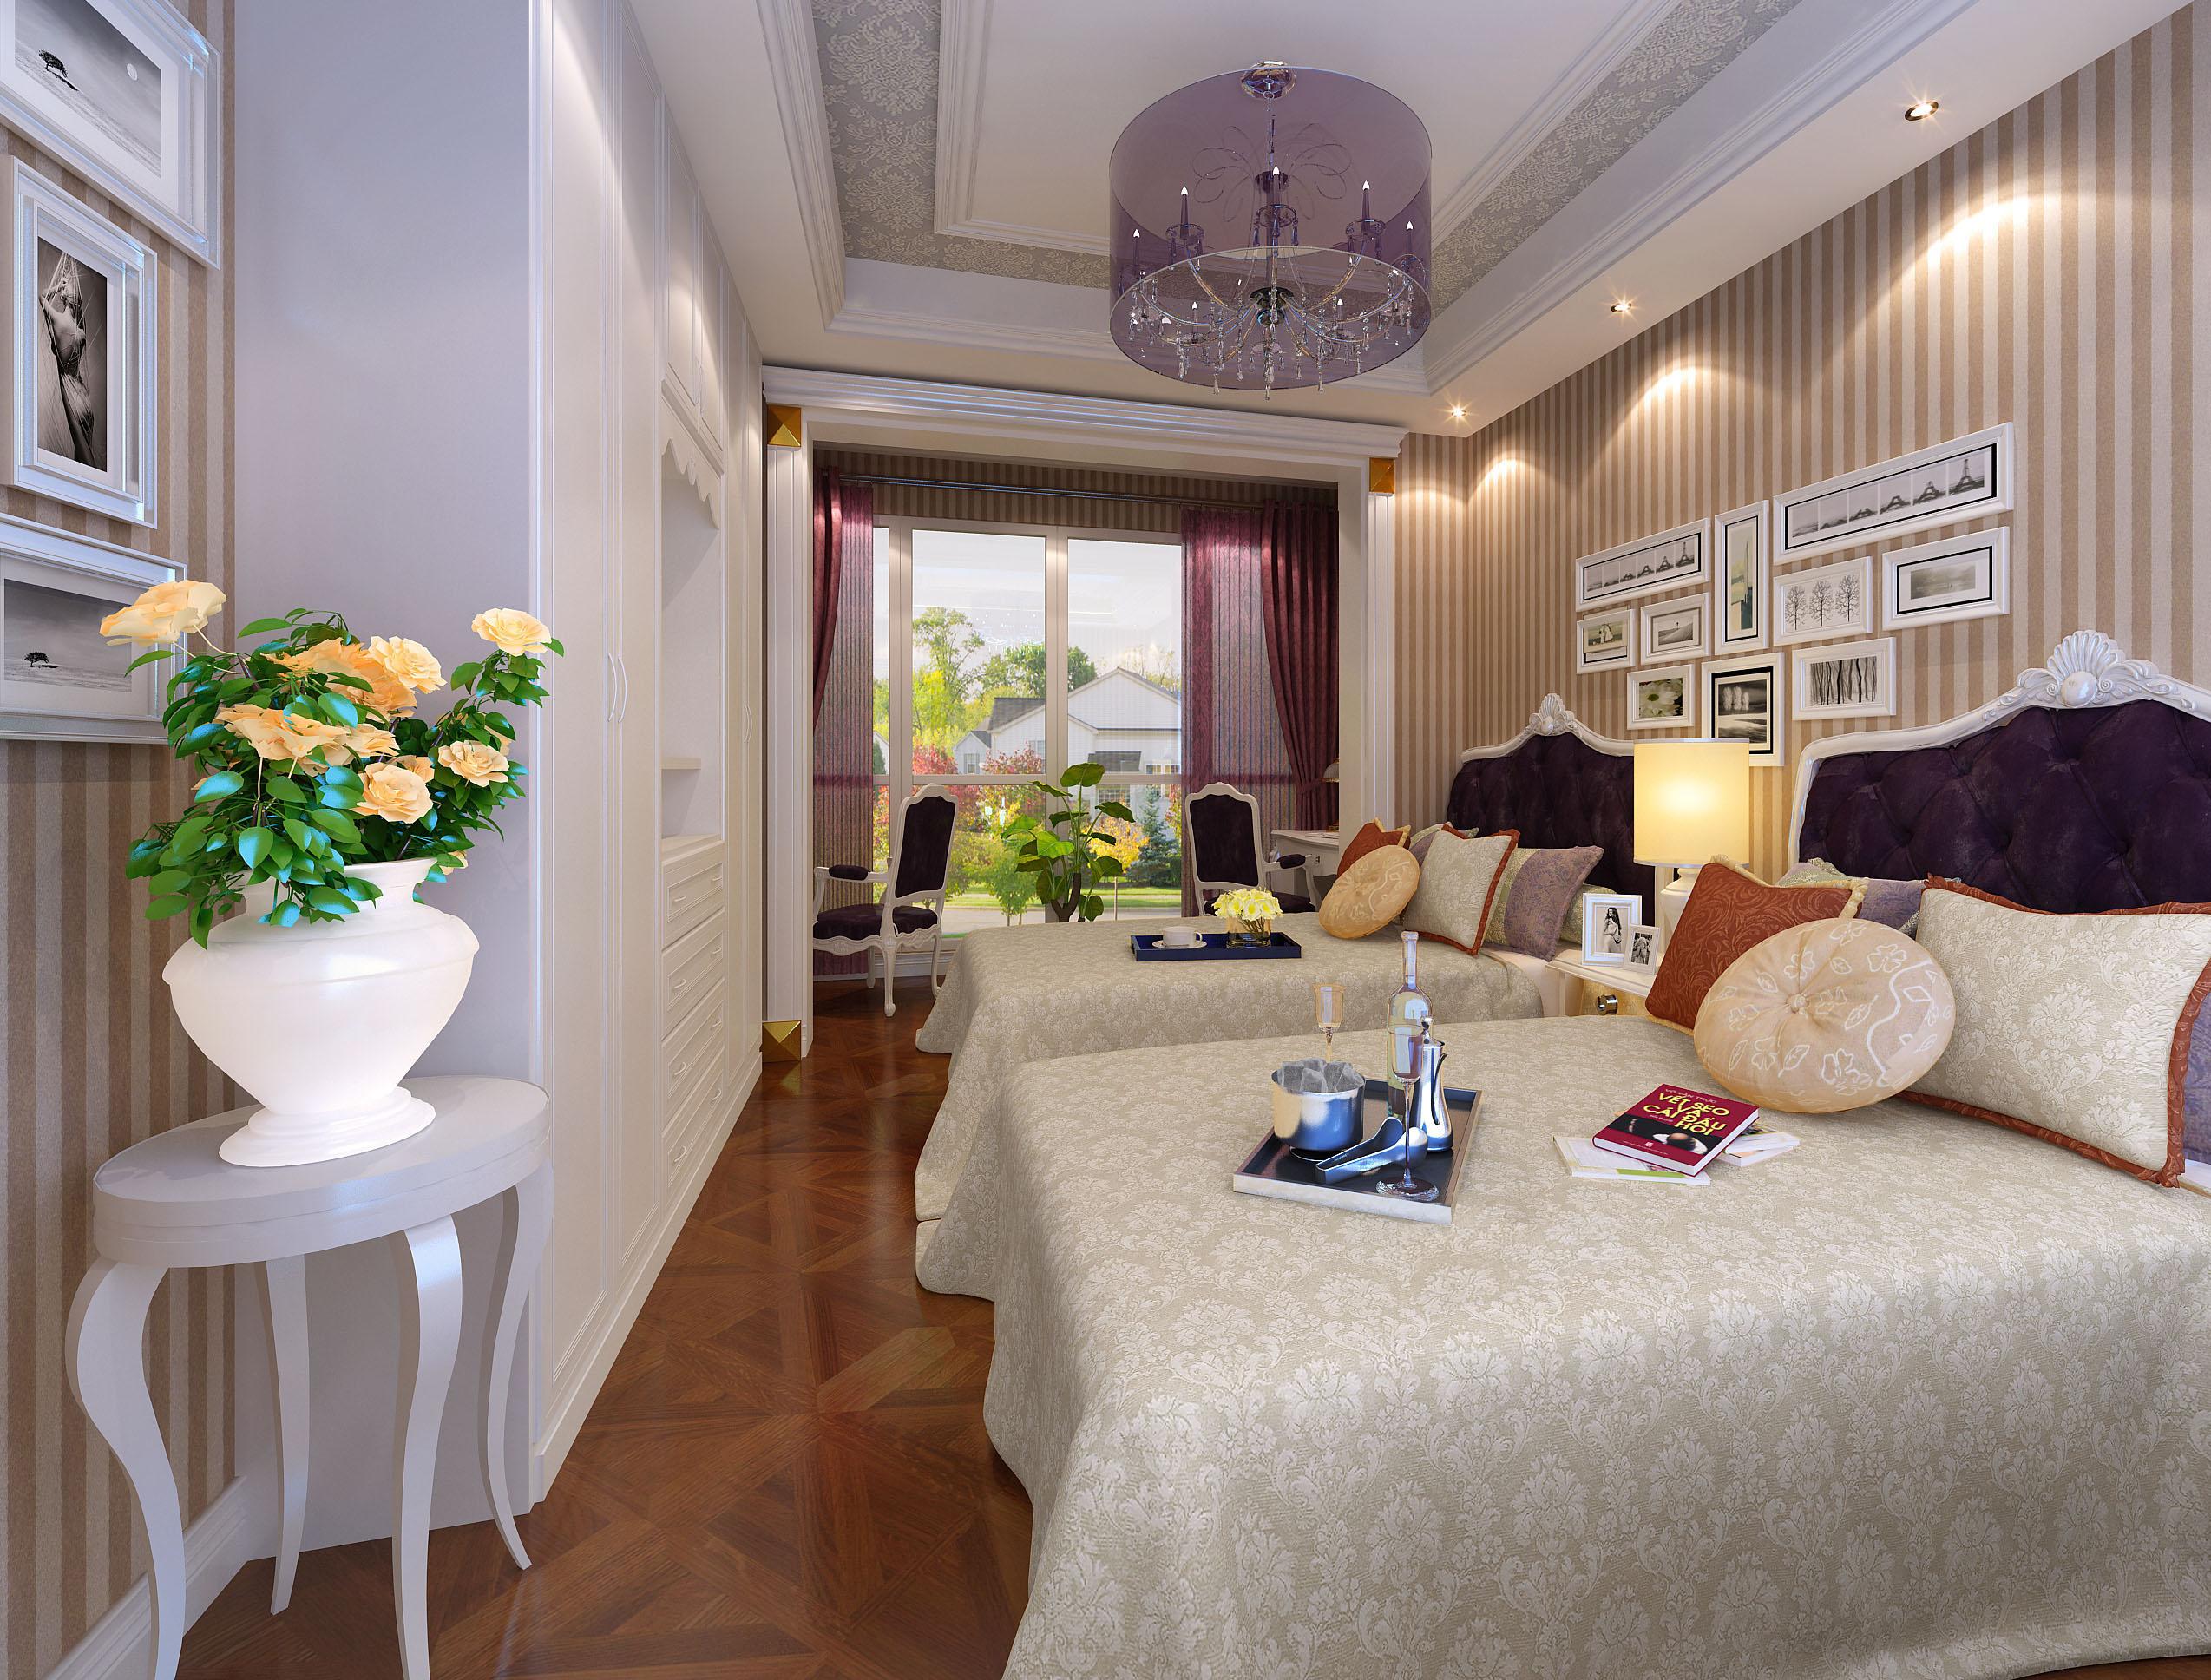 鲁能星城欧式风格三室两厅装修效果图